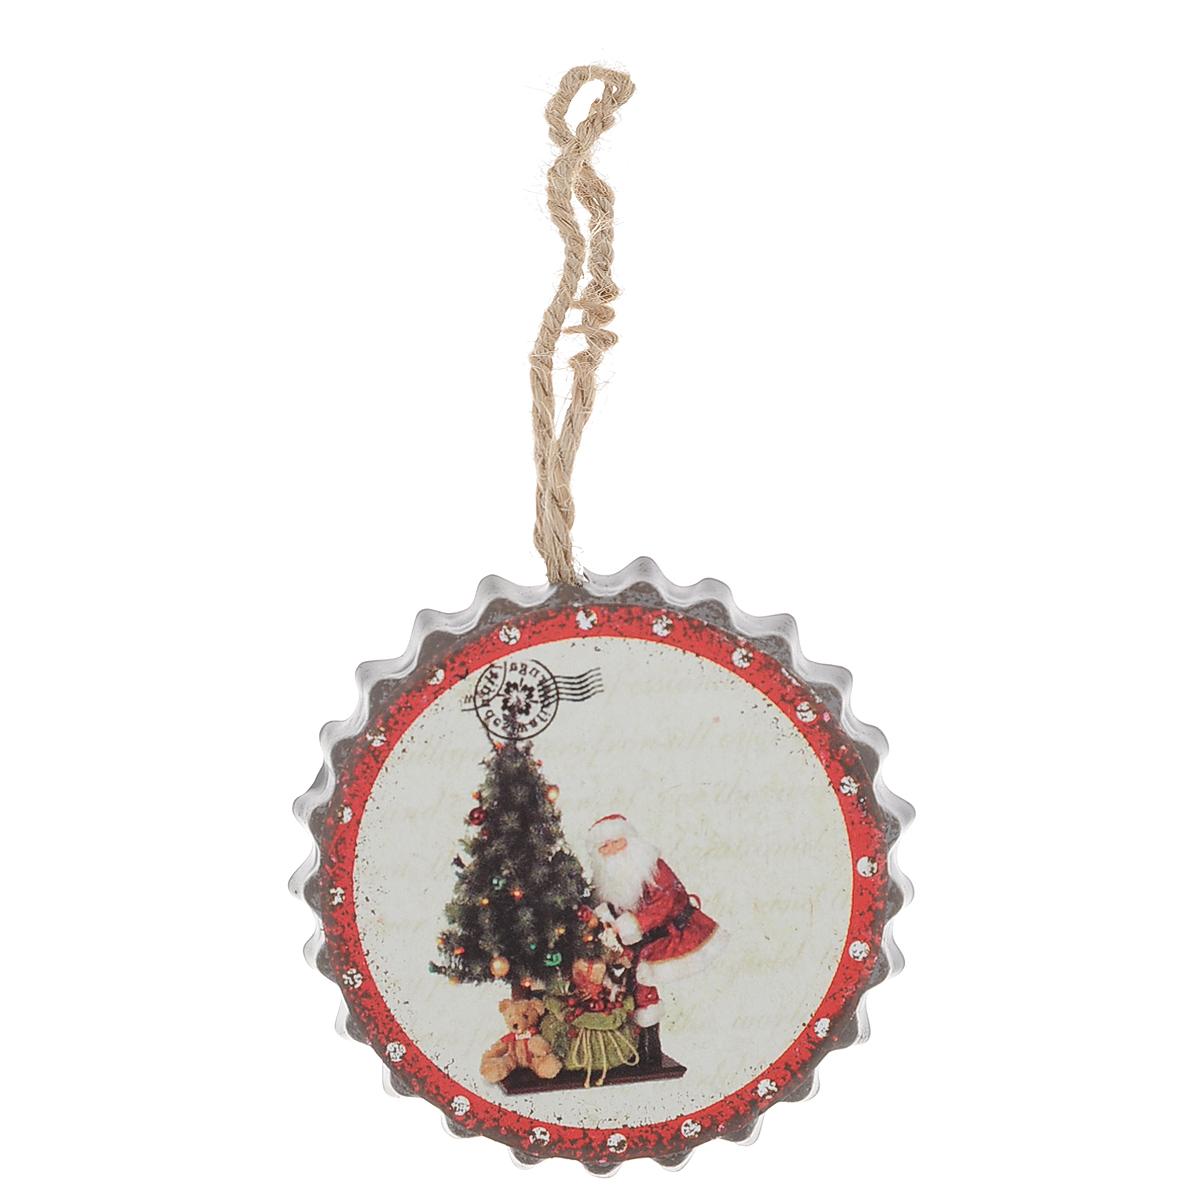 Новогоднее подвесное украшение Дед Мороз у елки, диаметр 5,5 смNLED-454-9W-BKОригинальное новогоднее украшение из пластика прекрасно подойдет для праздничного декора дома и новогодней ели. Изделие крепится на елку с помощью металлического зажима.